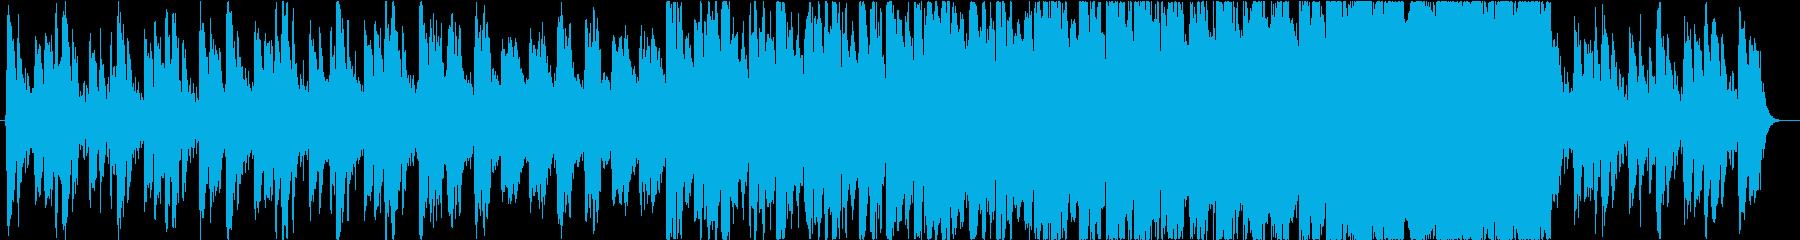 ダークで怪しい不協和なオーケストラBGMの再生済みの波形